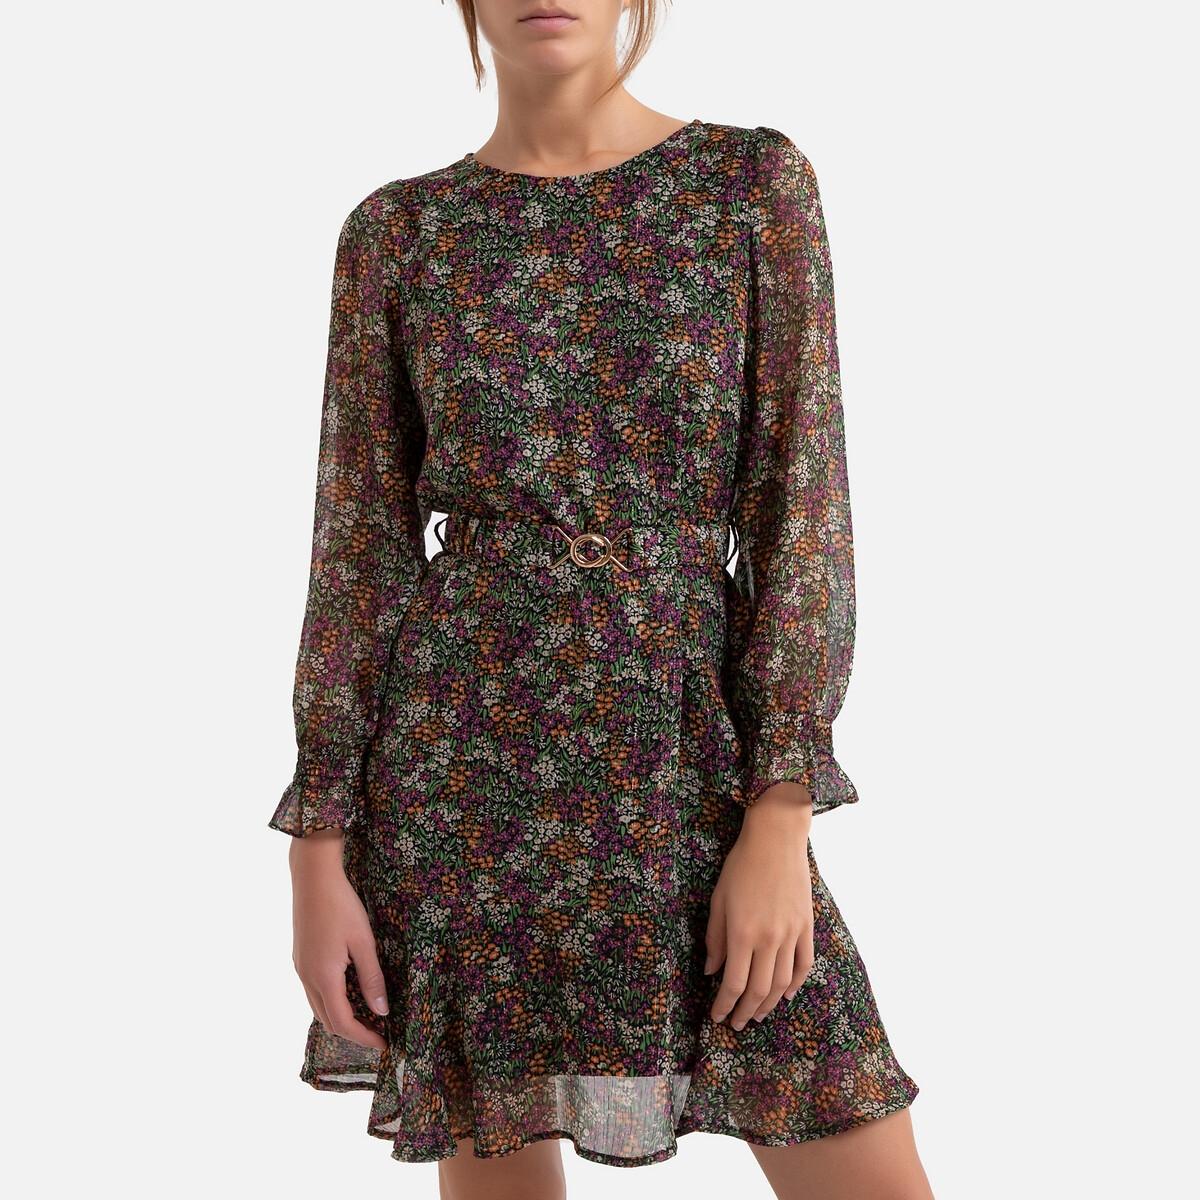 Платье LaRedoute Расклешенное с рисунком укороченное длинные рукава 2(M) разноцветный универсальное платье с рисунком supres